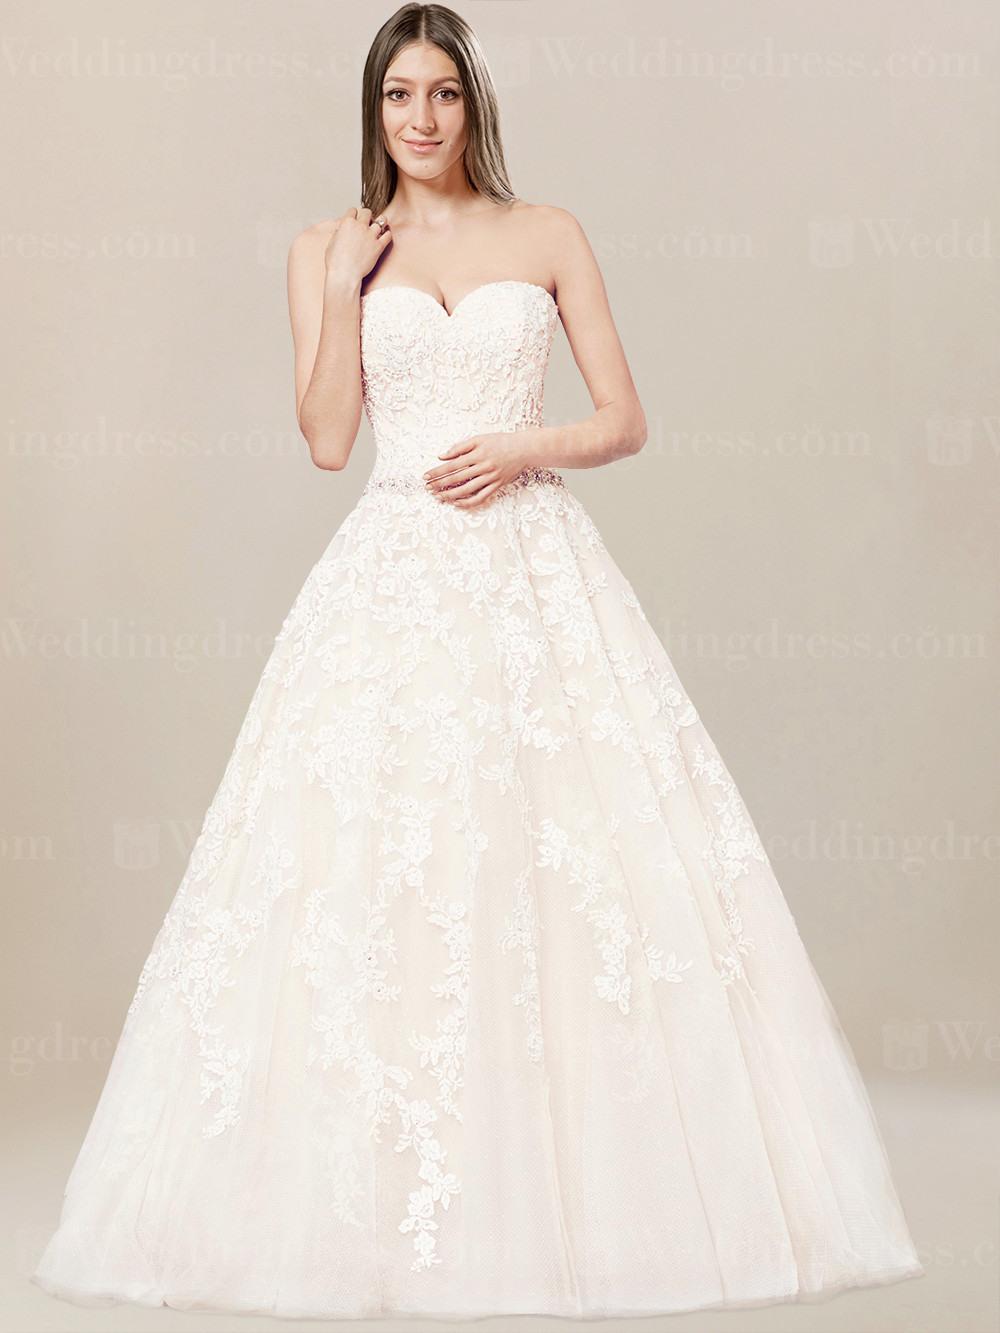 Lace Trägerlos Hochzeitskleid-Sp171